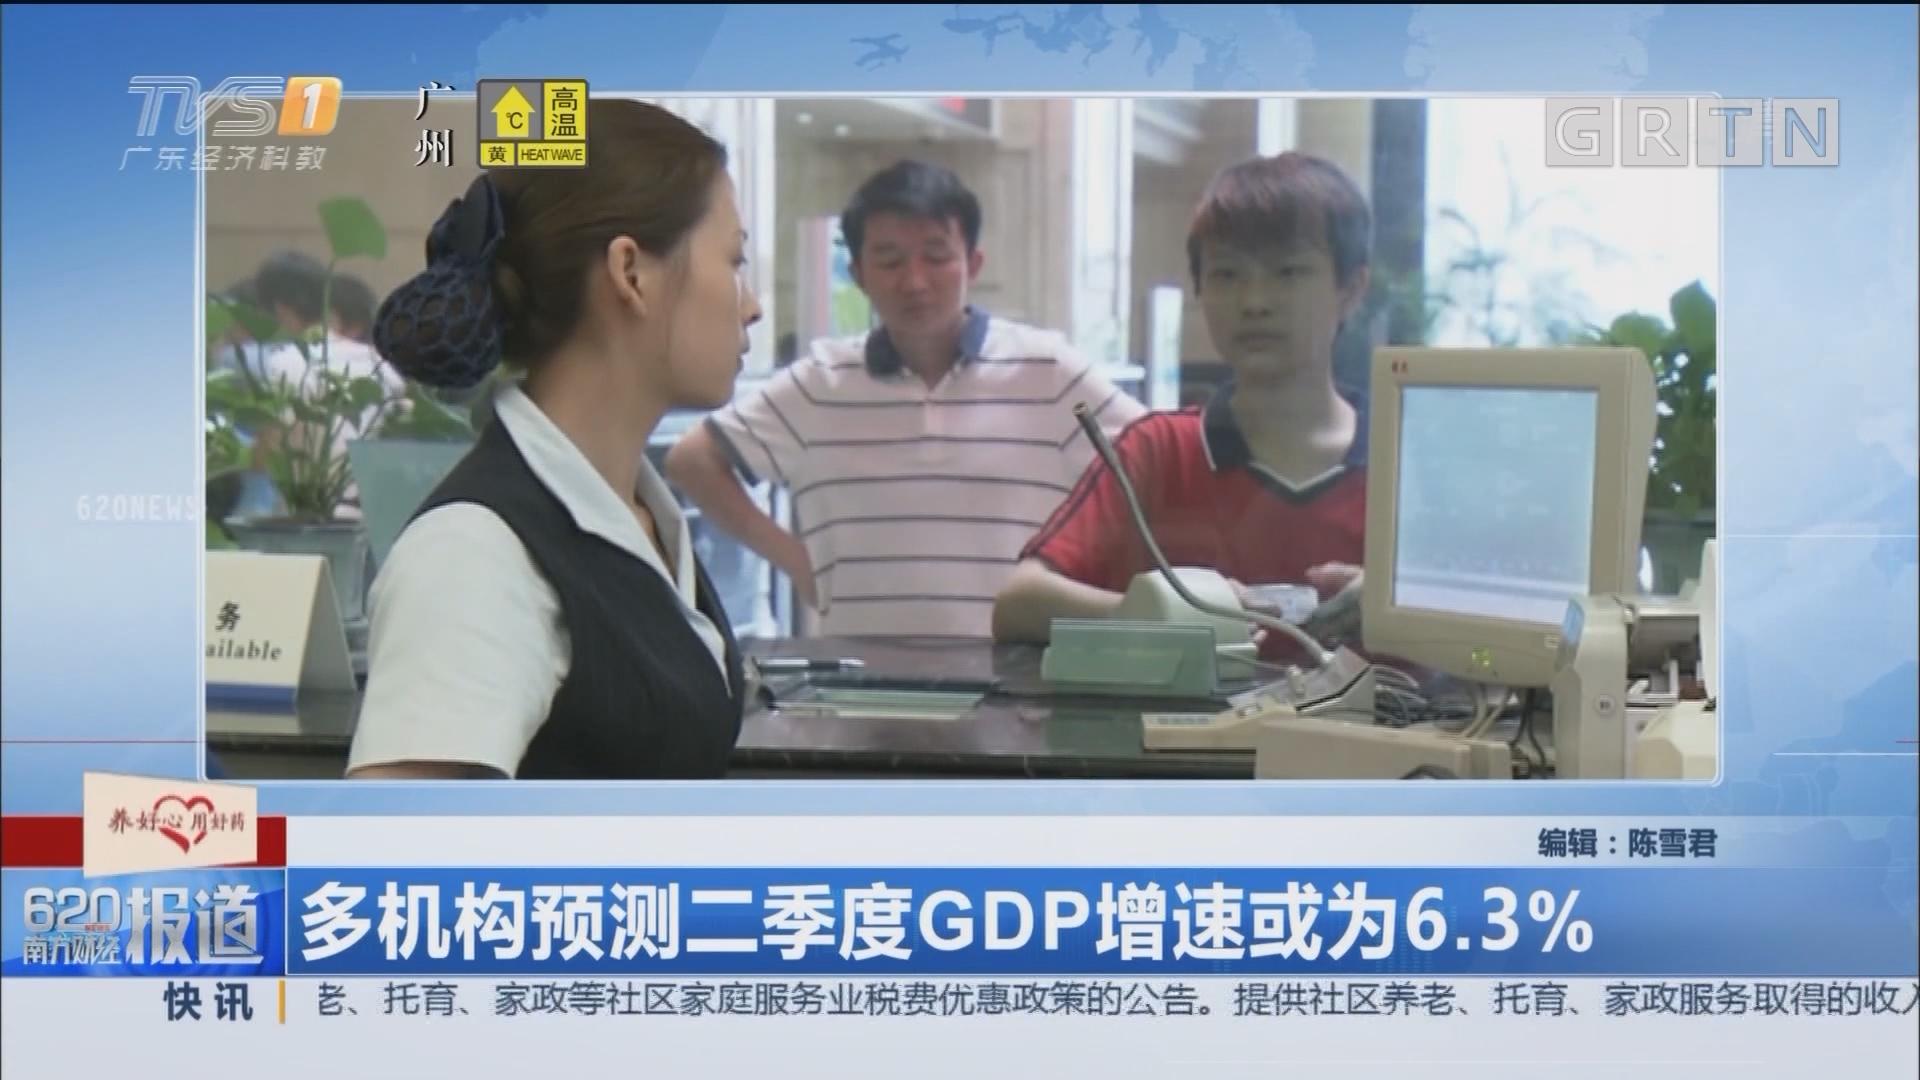 多机构预测二季度GDP增速或为6.3%